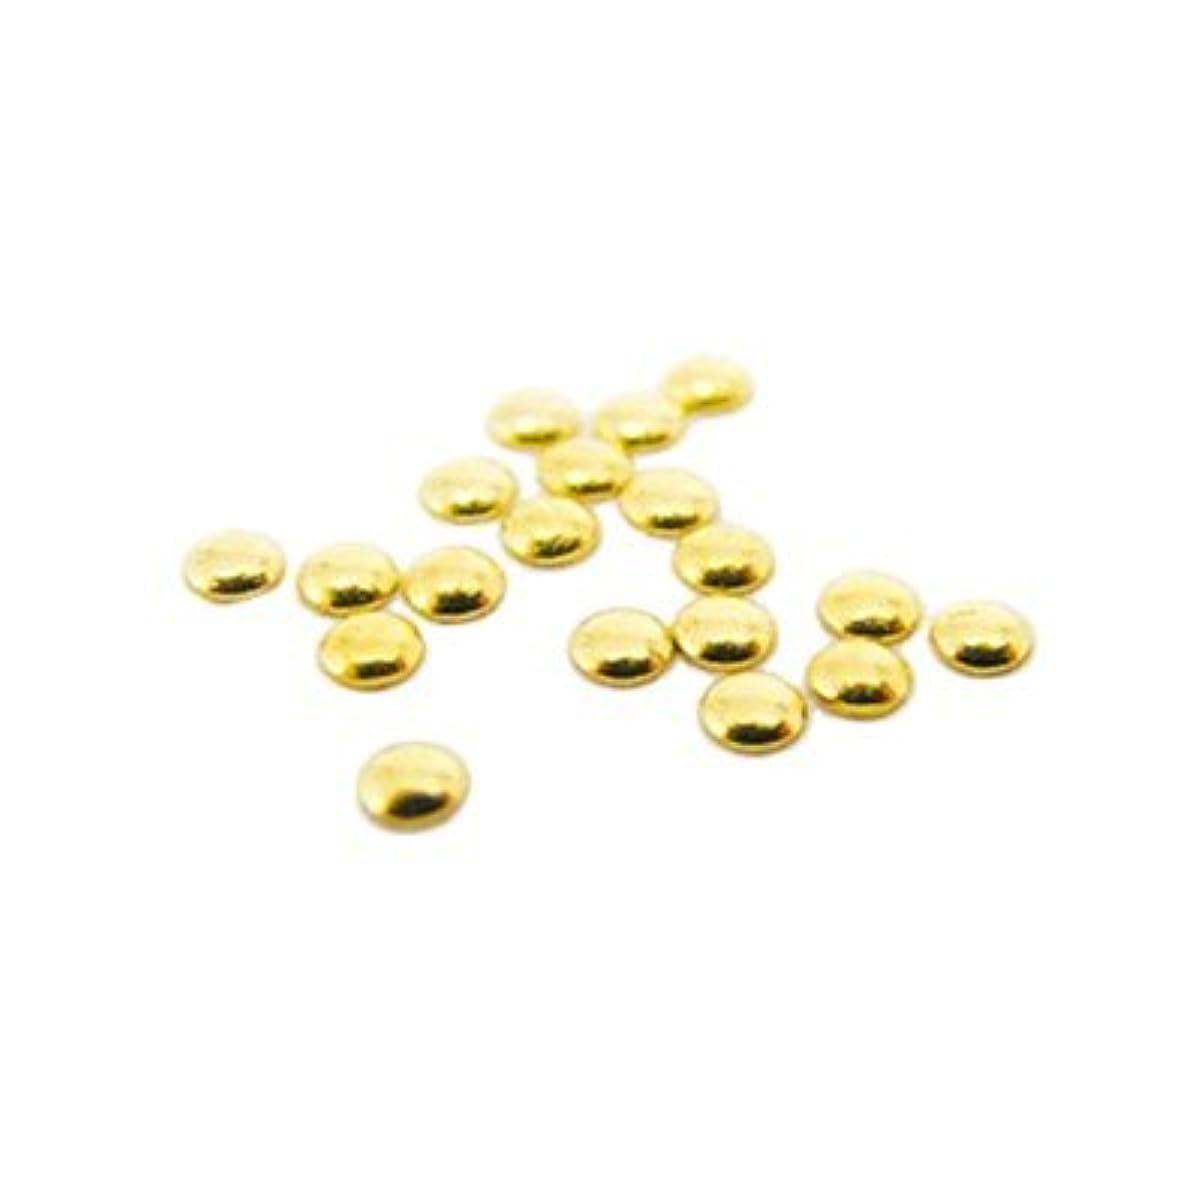 無実戸棚ジャーナリストピアドラ スタッズ 2.0mm 50P ゴールド